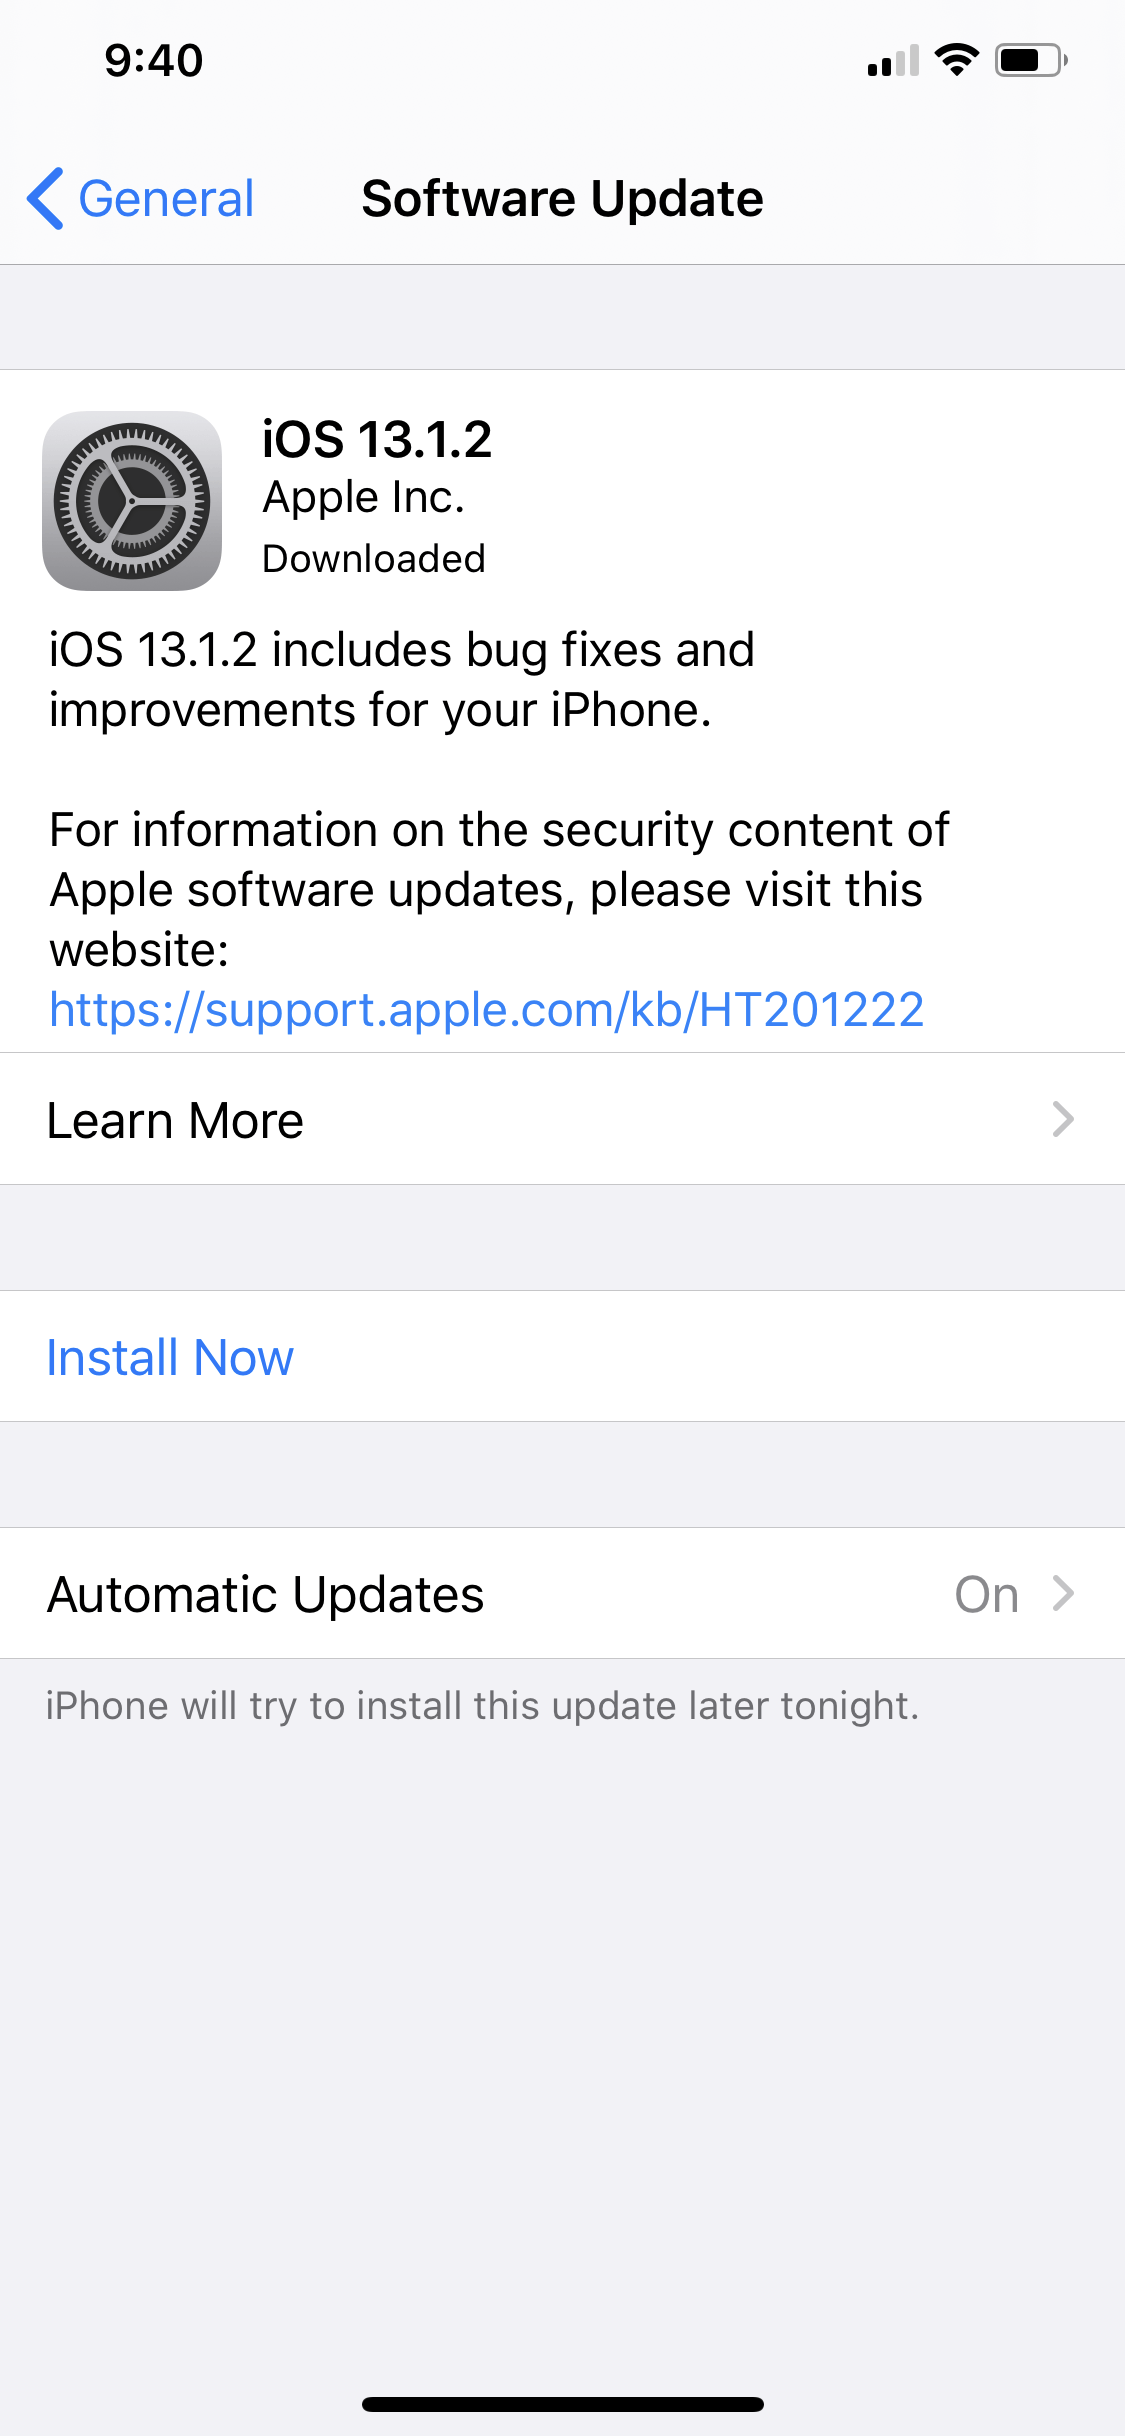 Download iOS 13.1.2 Update